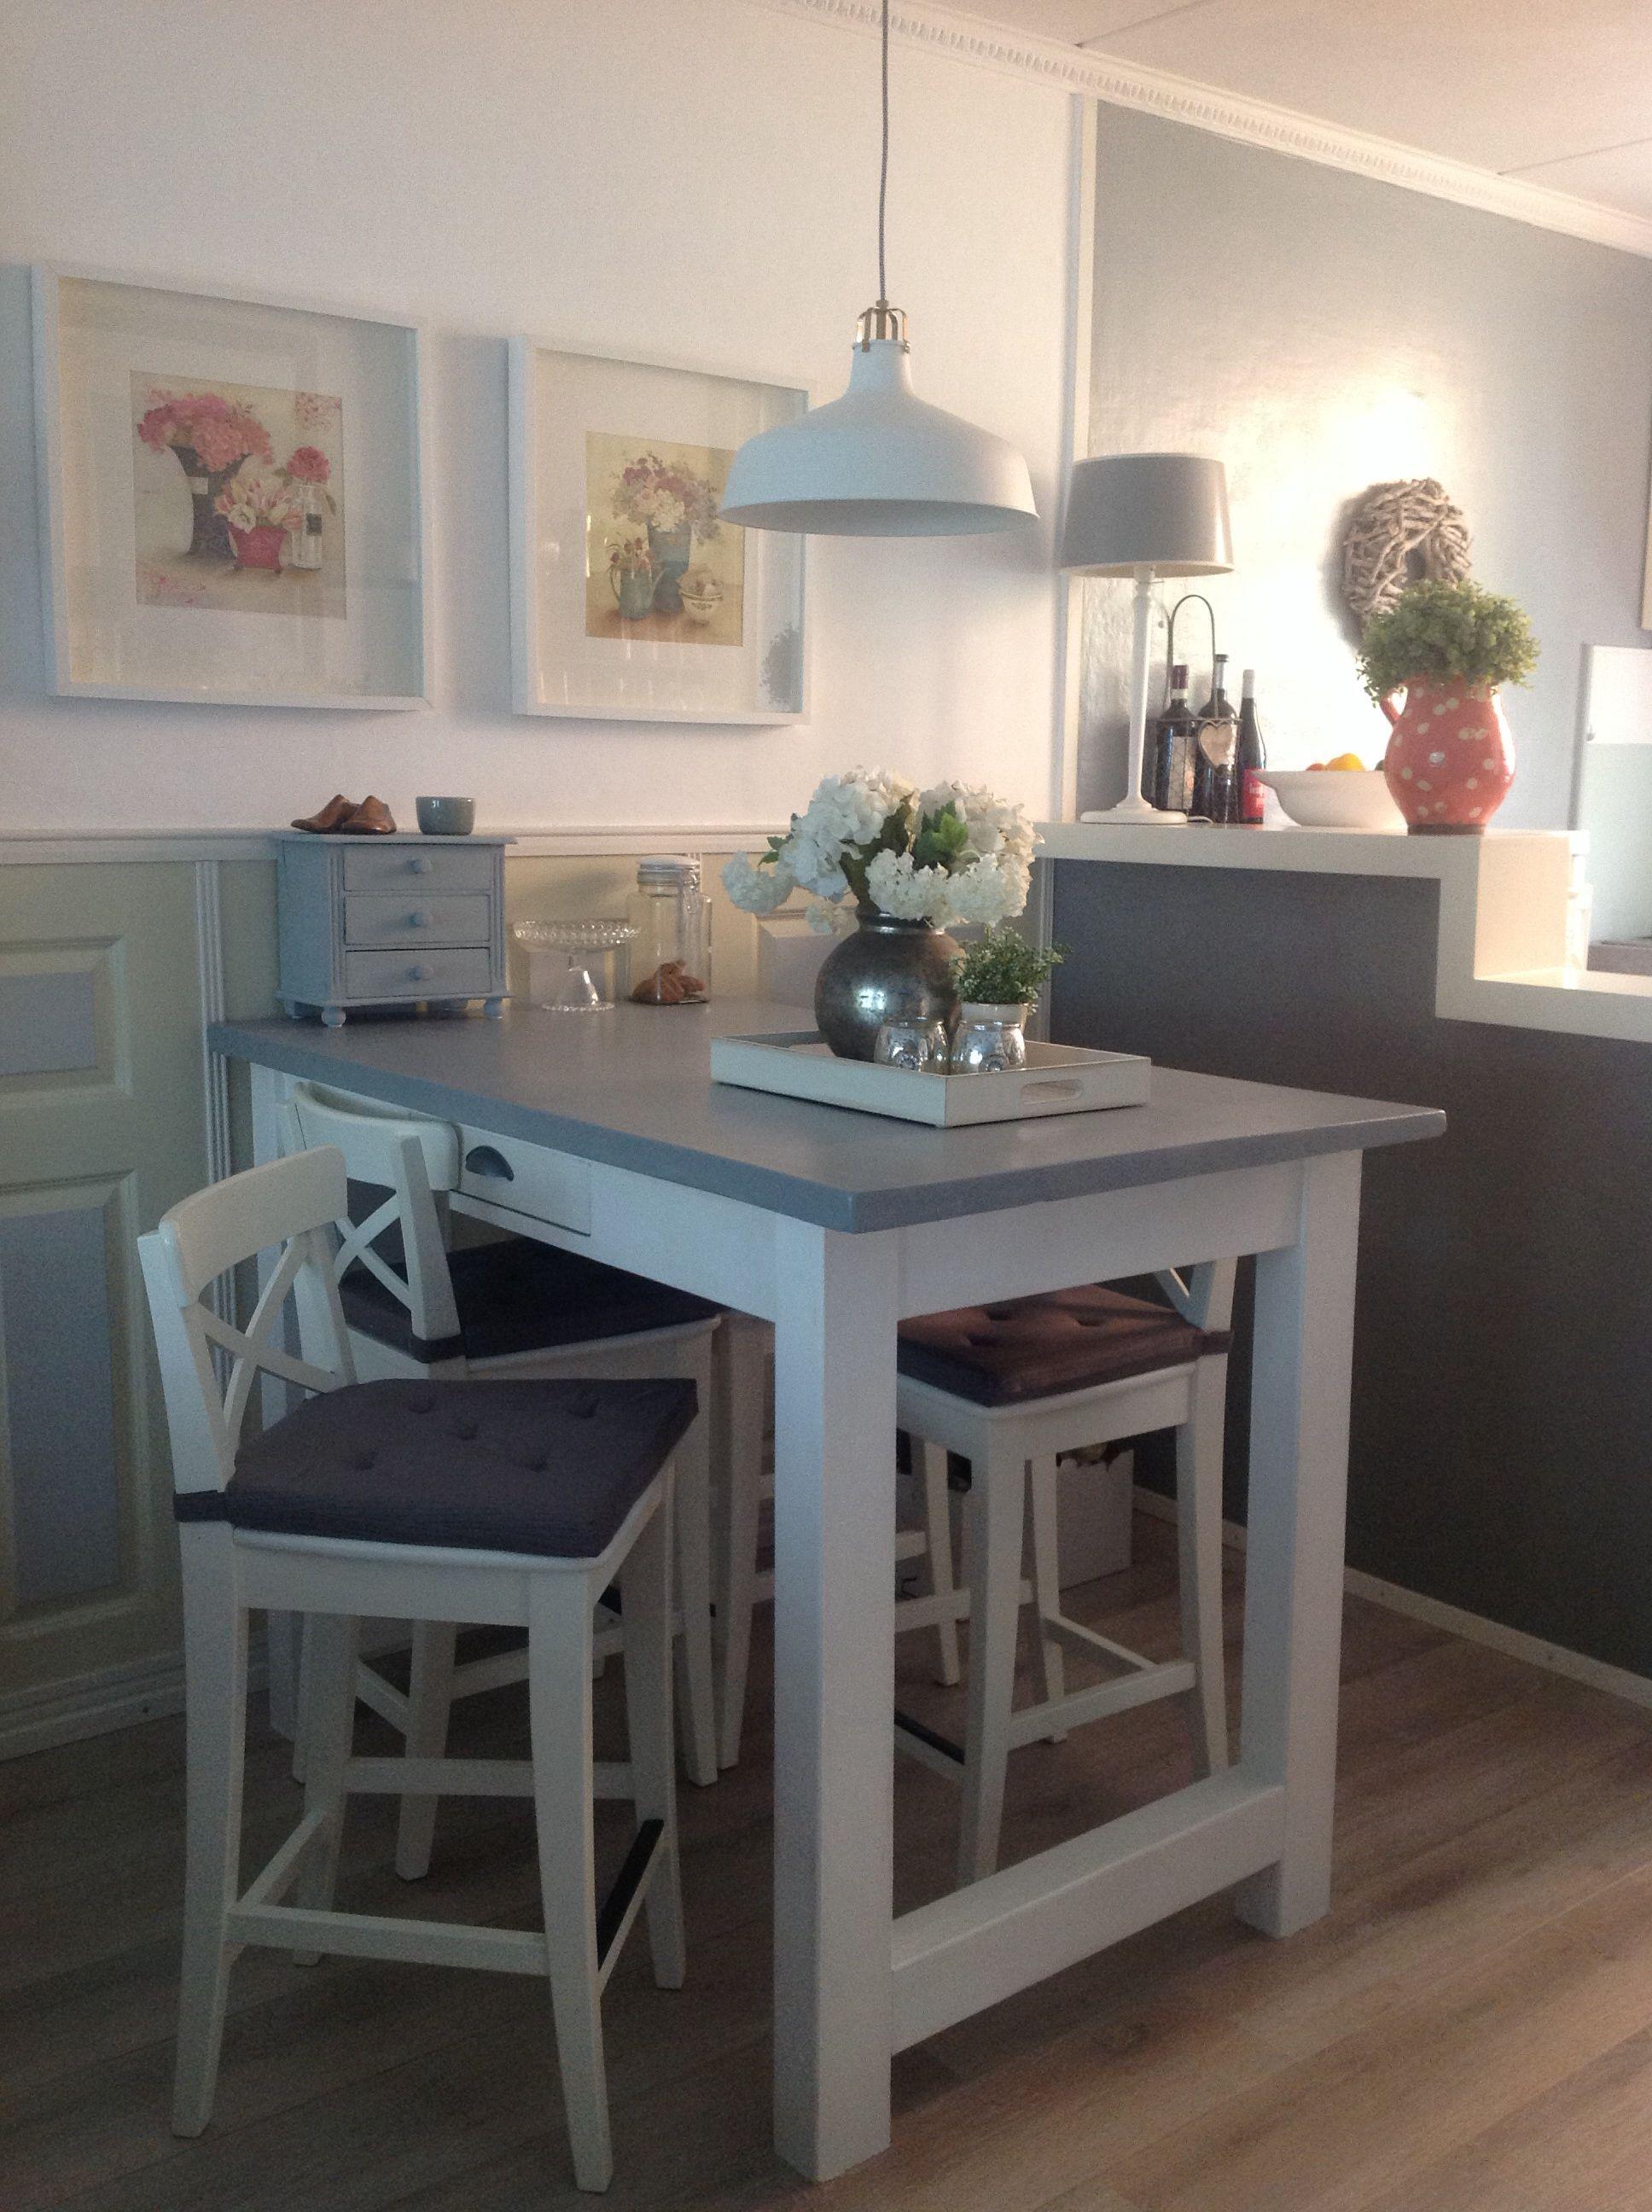 De halfhoge bartafel, zelf gebouwd met krukken van Ikea. | Keuken ...